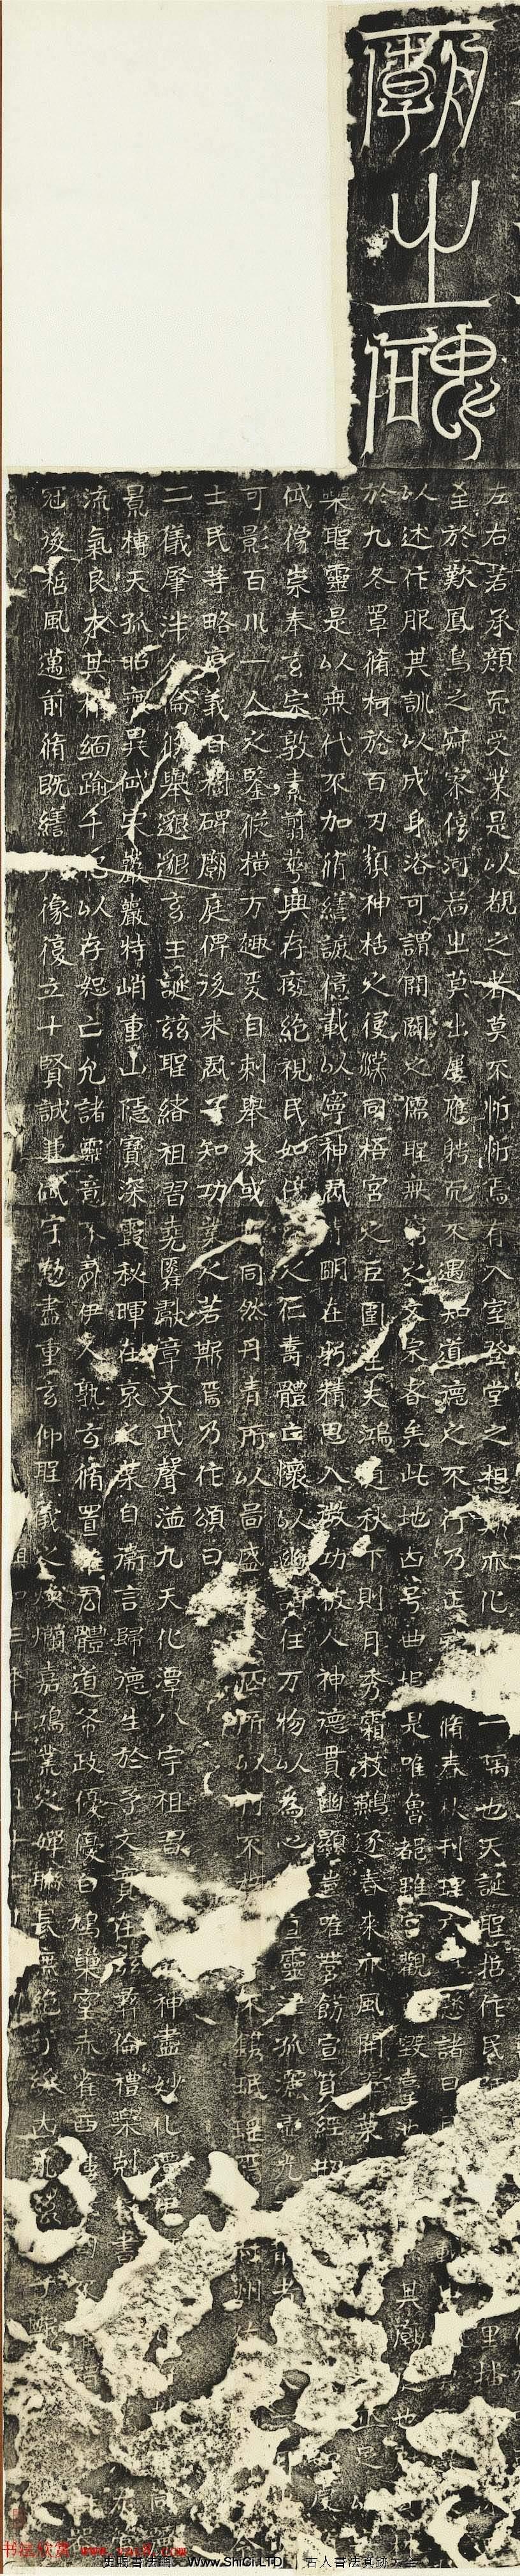 東魏書法刻本《李仲璇修孔子廟碑》